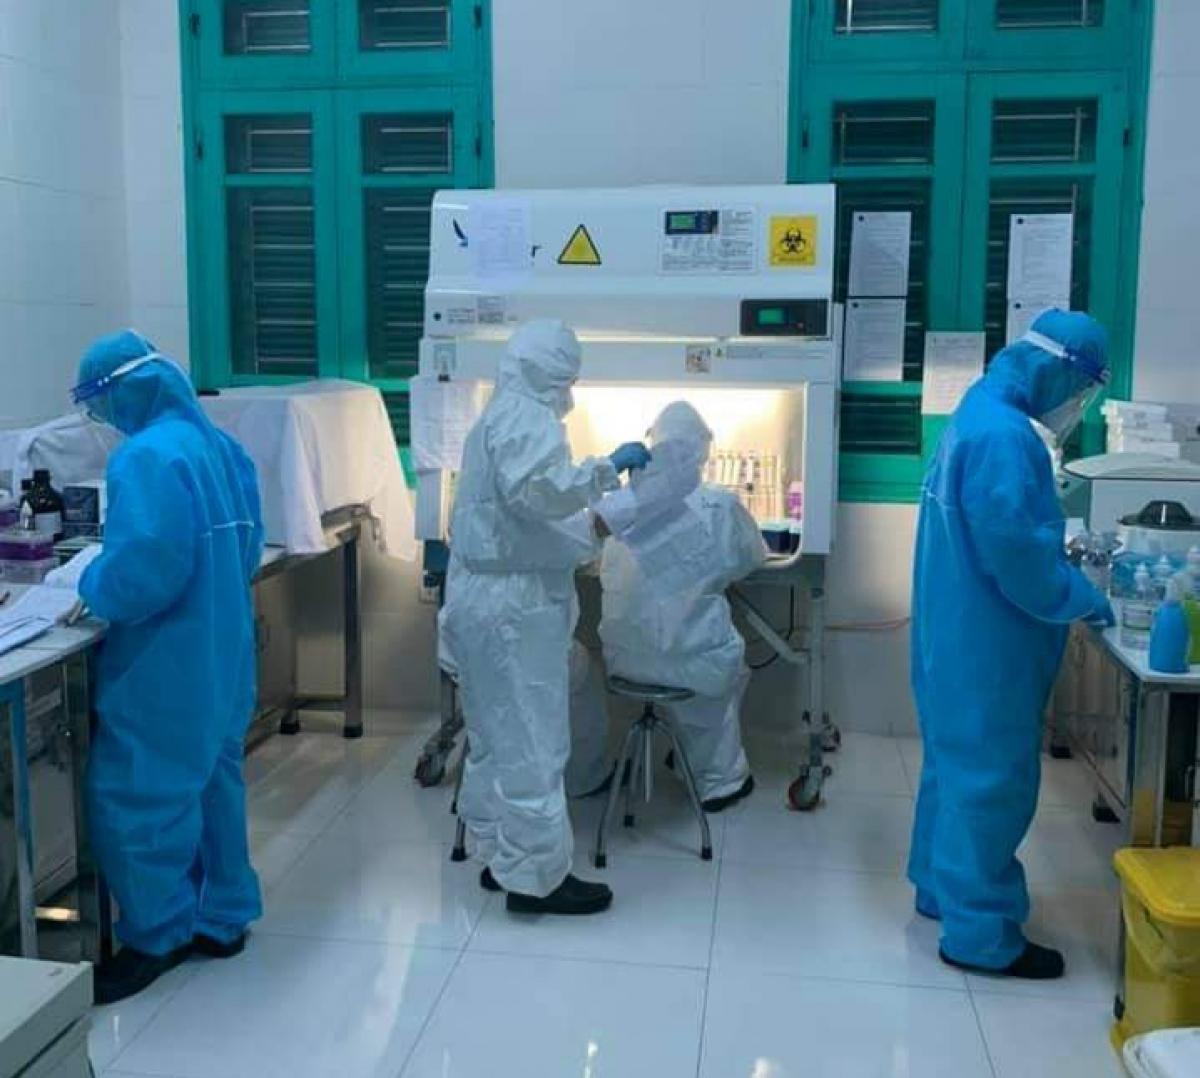 Cán bộ trung tâm CDC Bắc Kạn thức xuyên đêm để lấy mẫu và triển khai xét nghiệm đối với các trường hợp F1. (Ảnh: CDC Bắc Kạn)